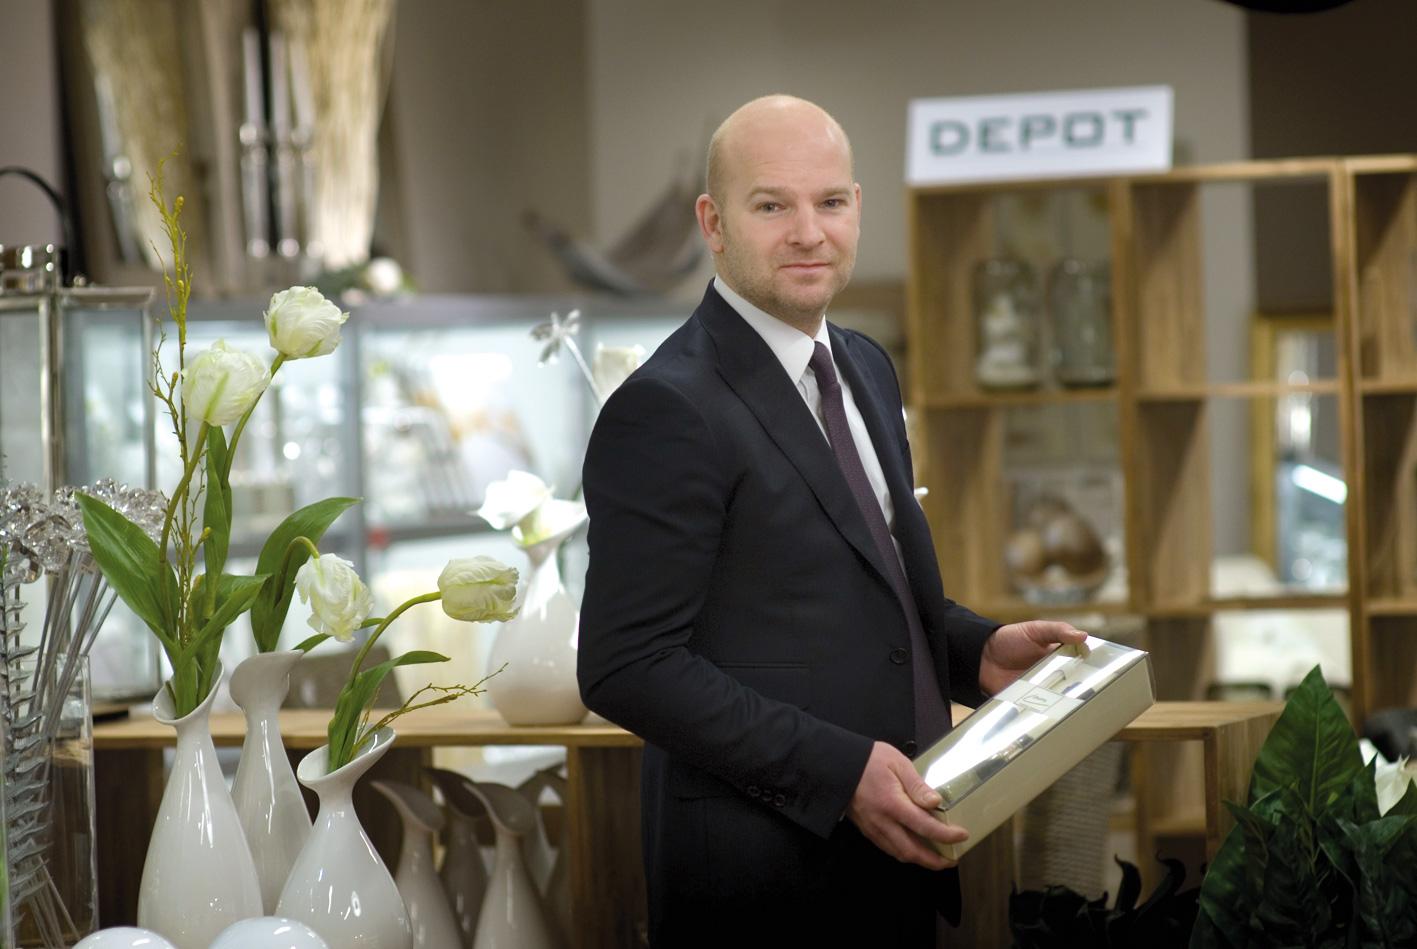 Depot interio weitere filialen in der schweiz Depot filialen hamburg